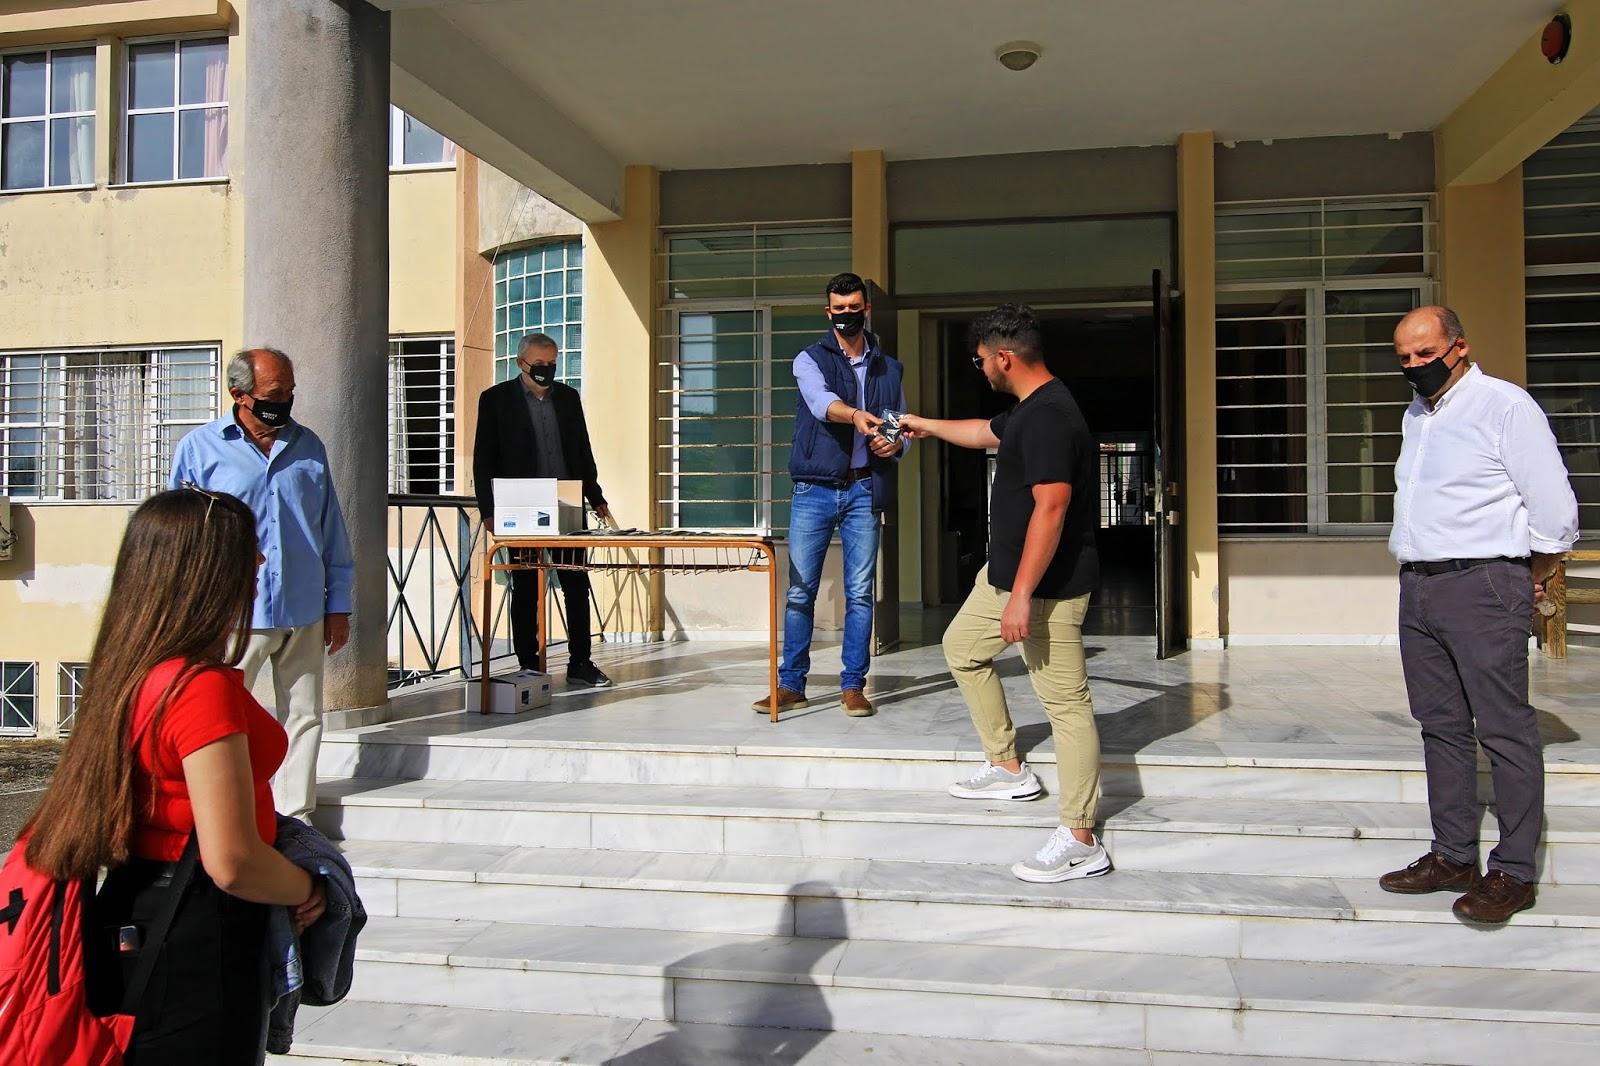 Μάσκες πολλαπλών χρήσεων μοίρασε ο Δήμος Αγιάς